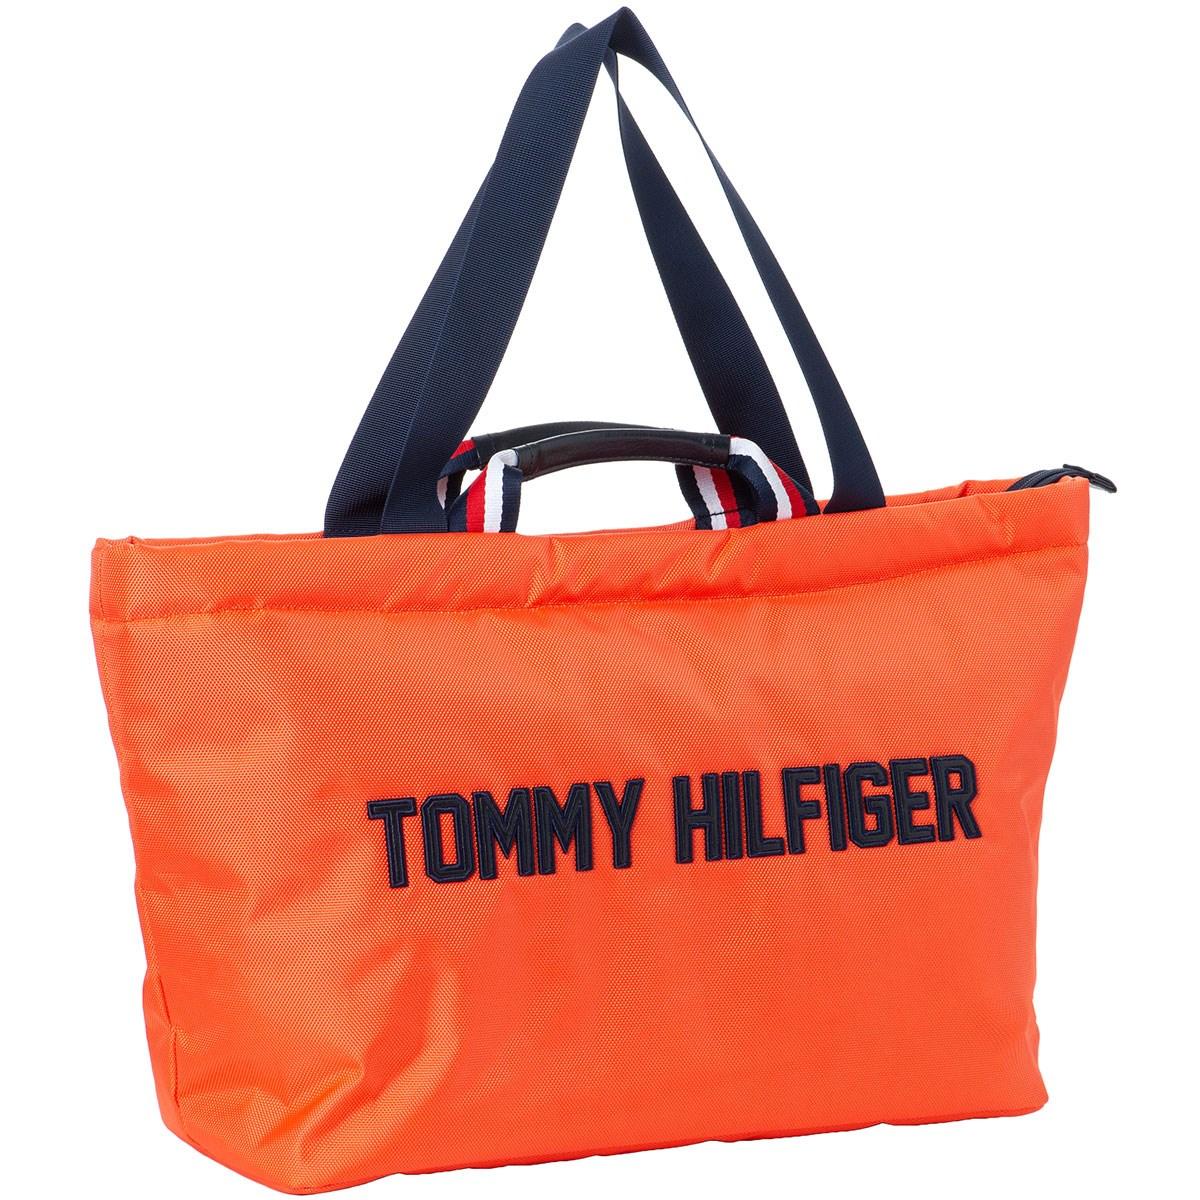 トミー ヒルフィガー ゴルフ TOMMY HILFIGER GOLF COLORING トートバッグ オレンジ 46